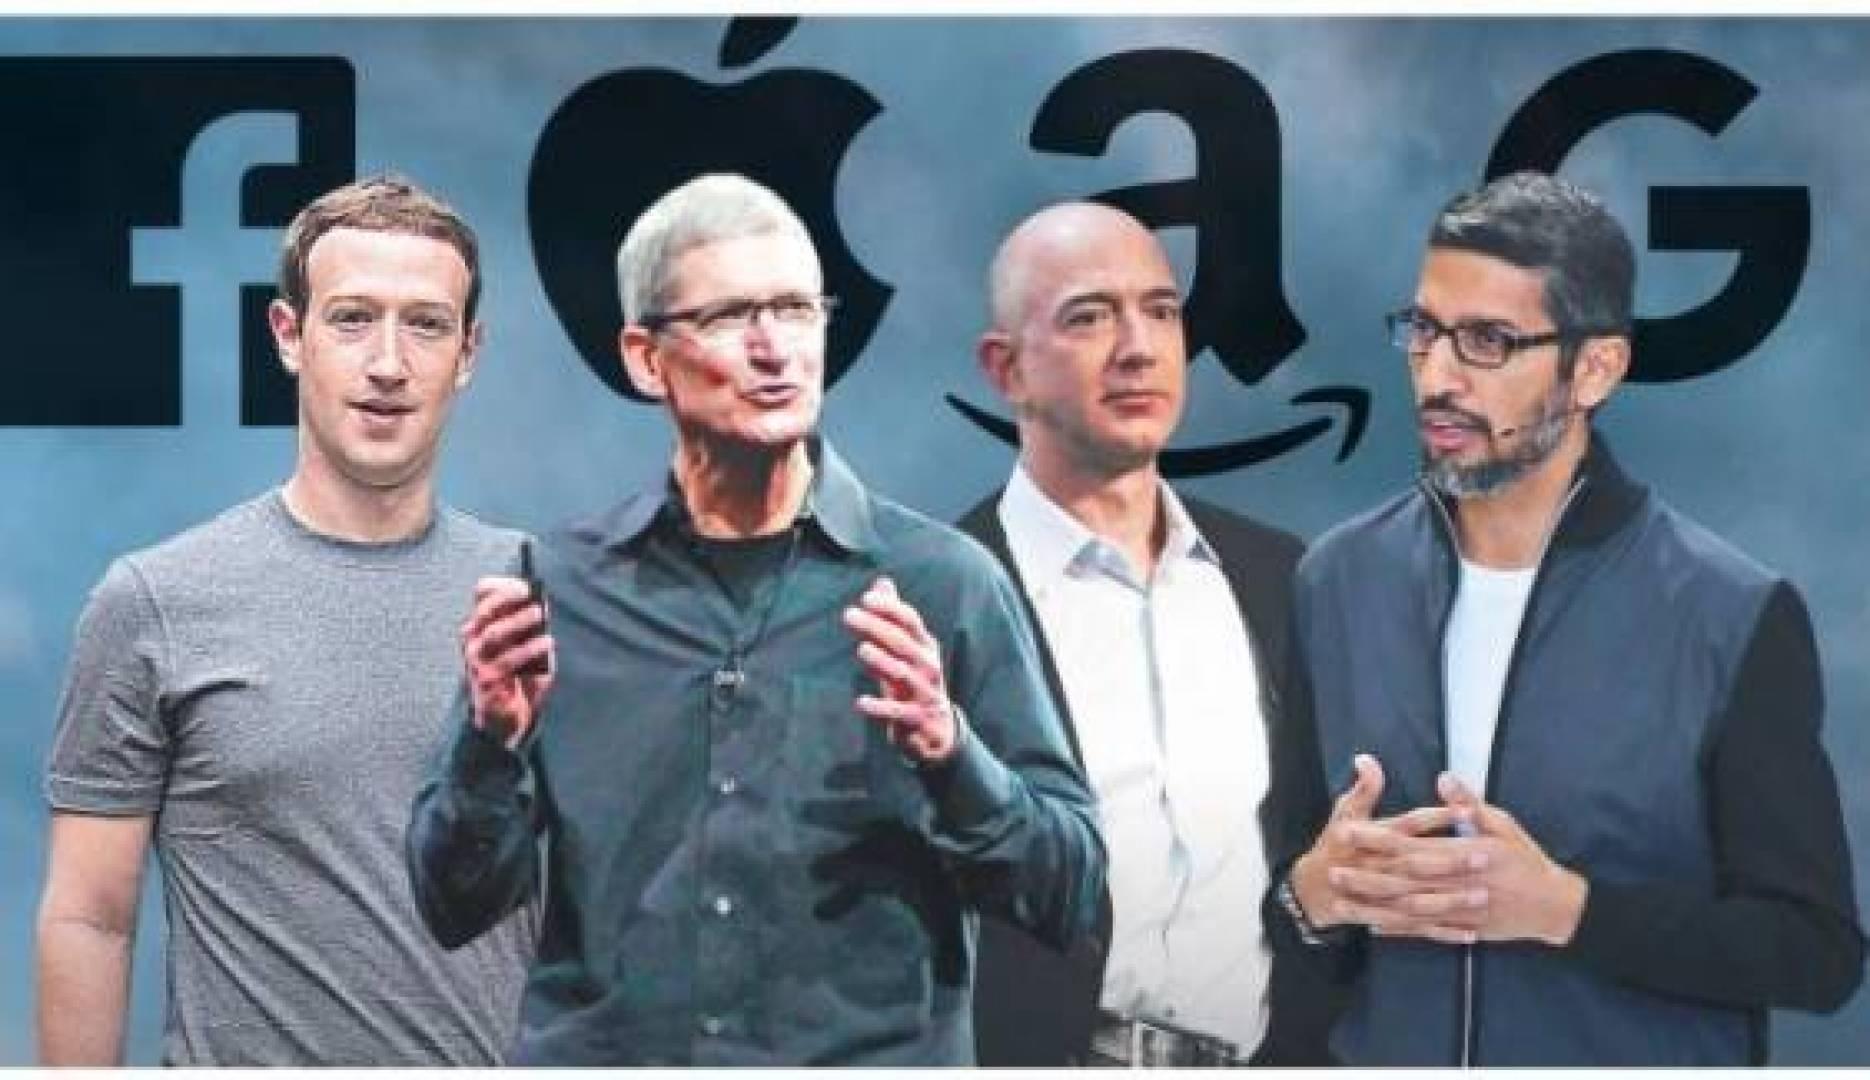 القيمة السوقية لأكبر خمس شركات تكنولوجية.. تقفز إلى 5 تريليونات دولار!